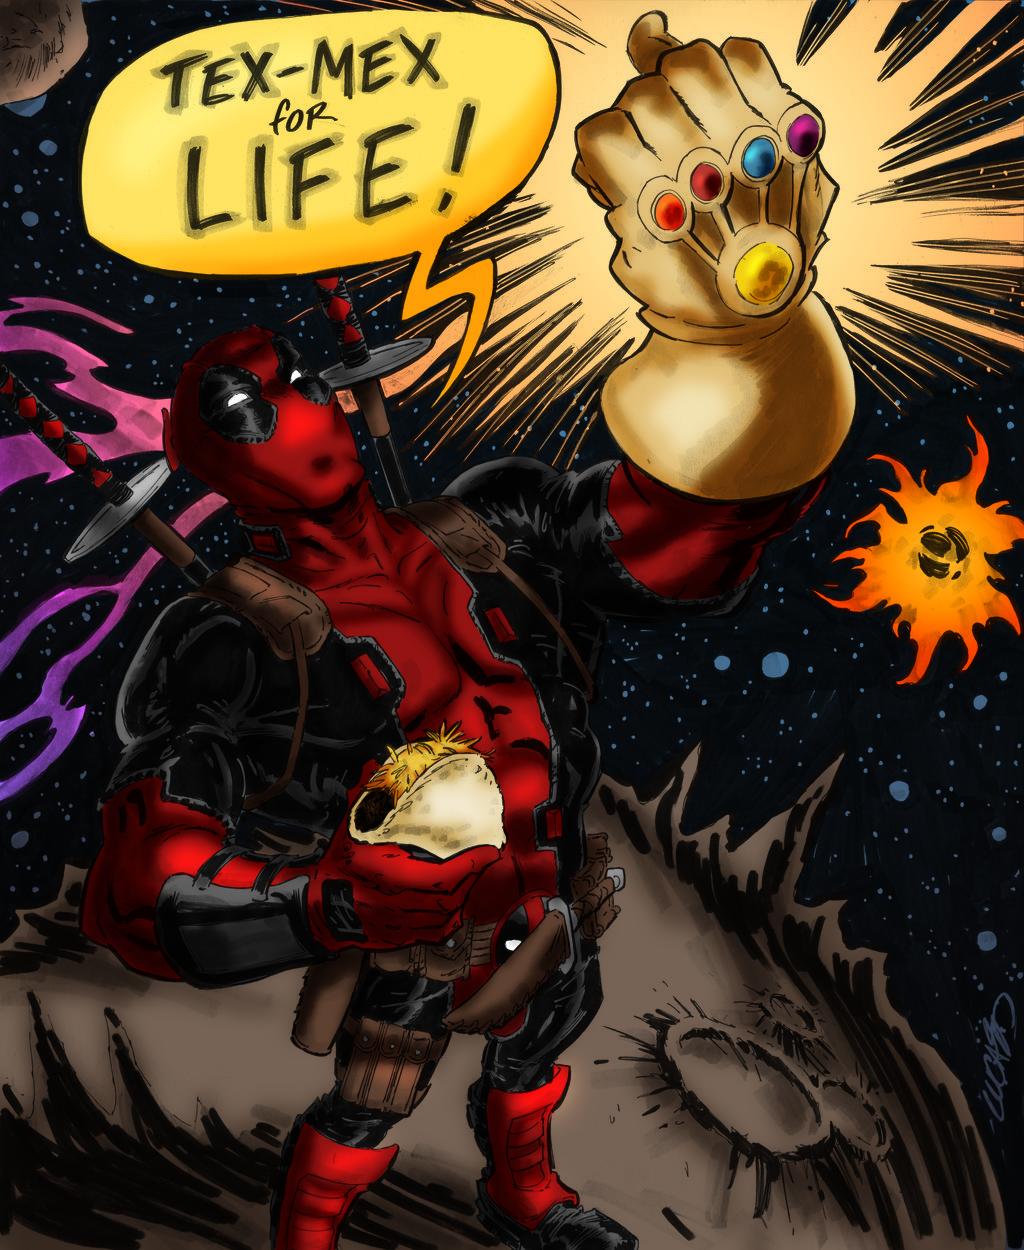 Deadpool says Texmex for Life